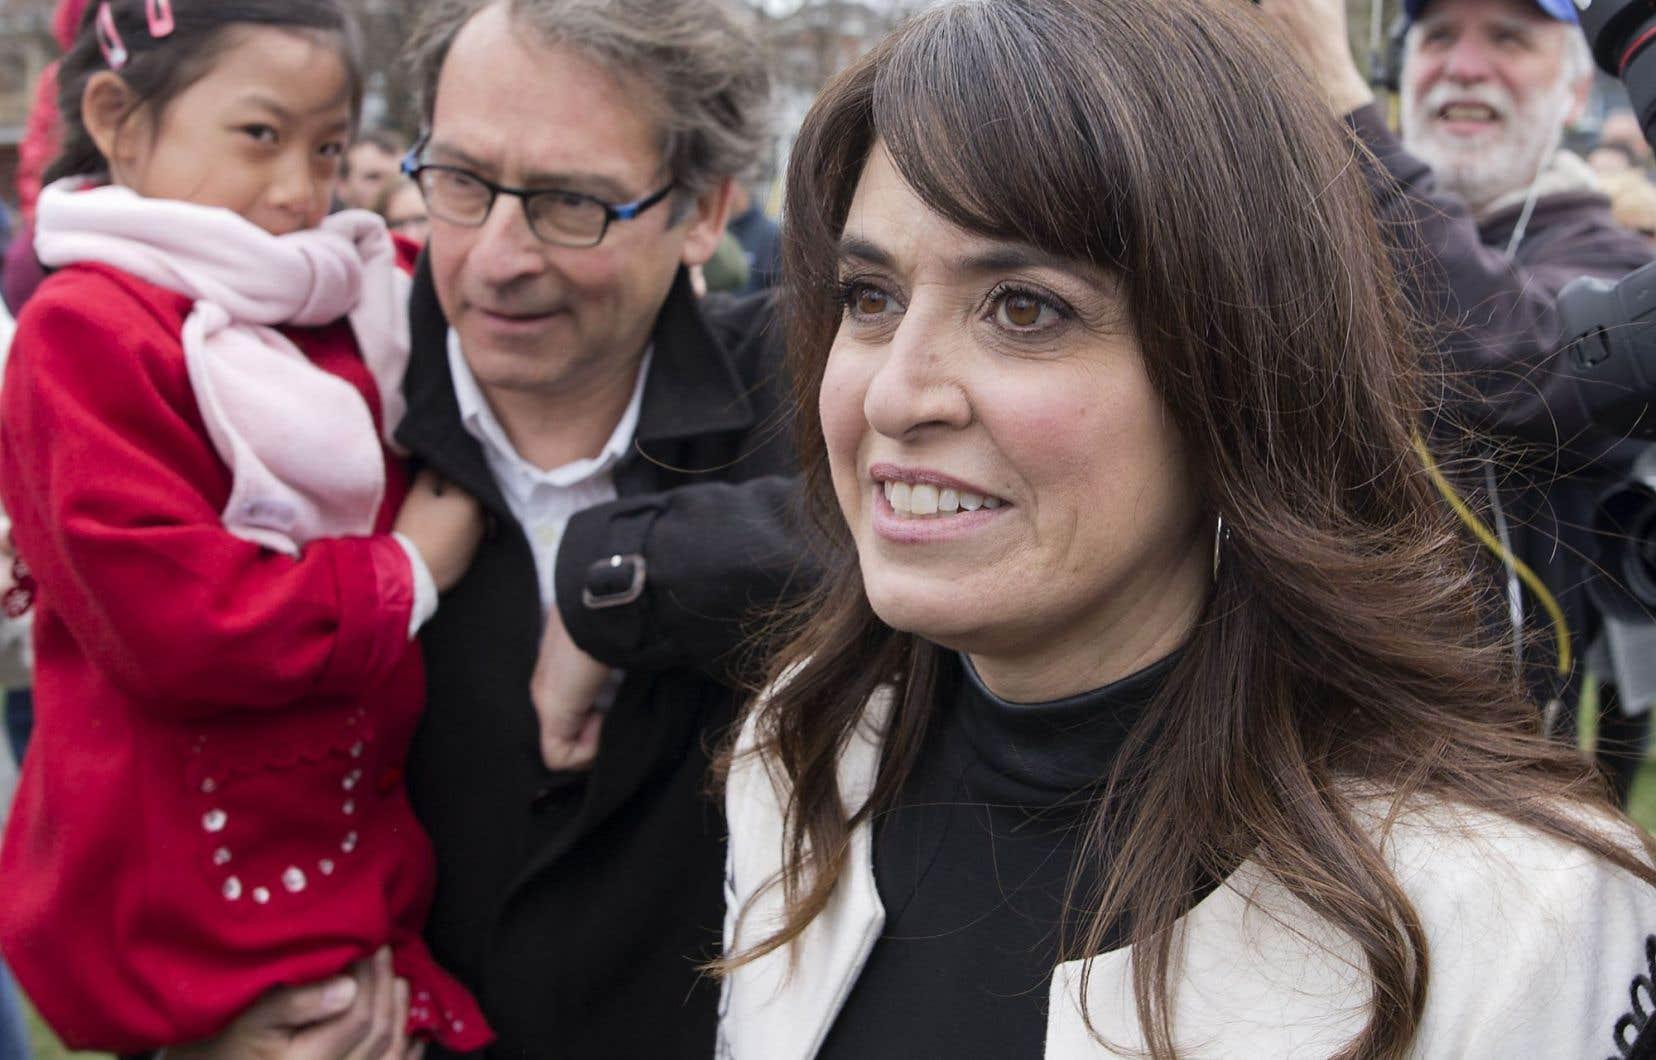 Véronique Hivon a lancé sa campagne dans un parc de Joliette, accompagnée de ses proches, de partisans et de députés péquistes qui l'appuient, en promettant un « Parti québécois réinventé ».